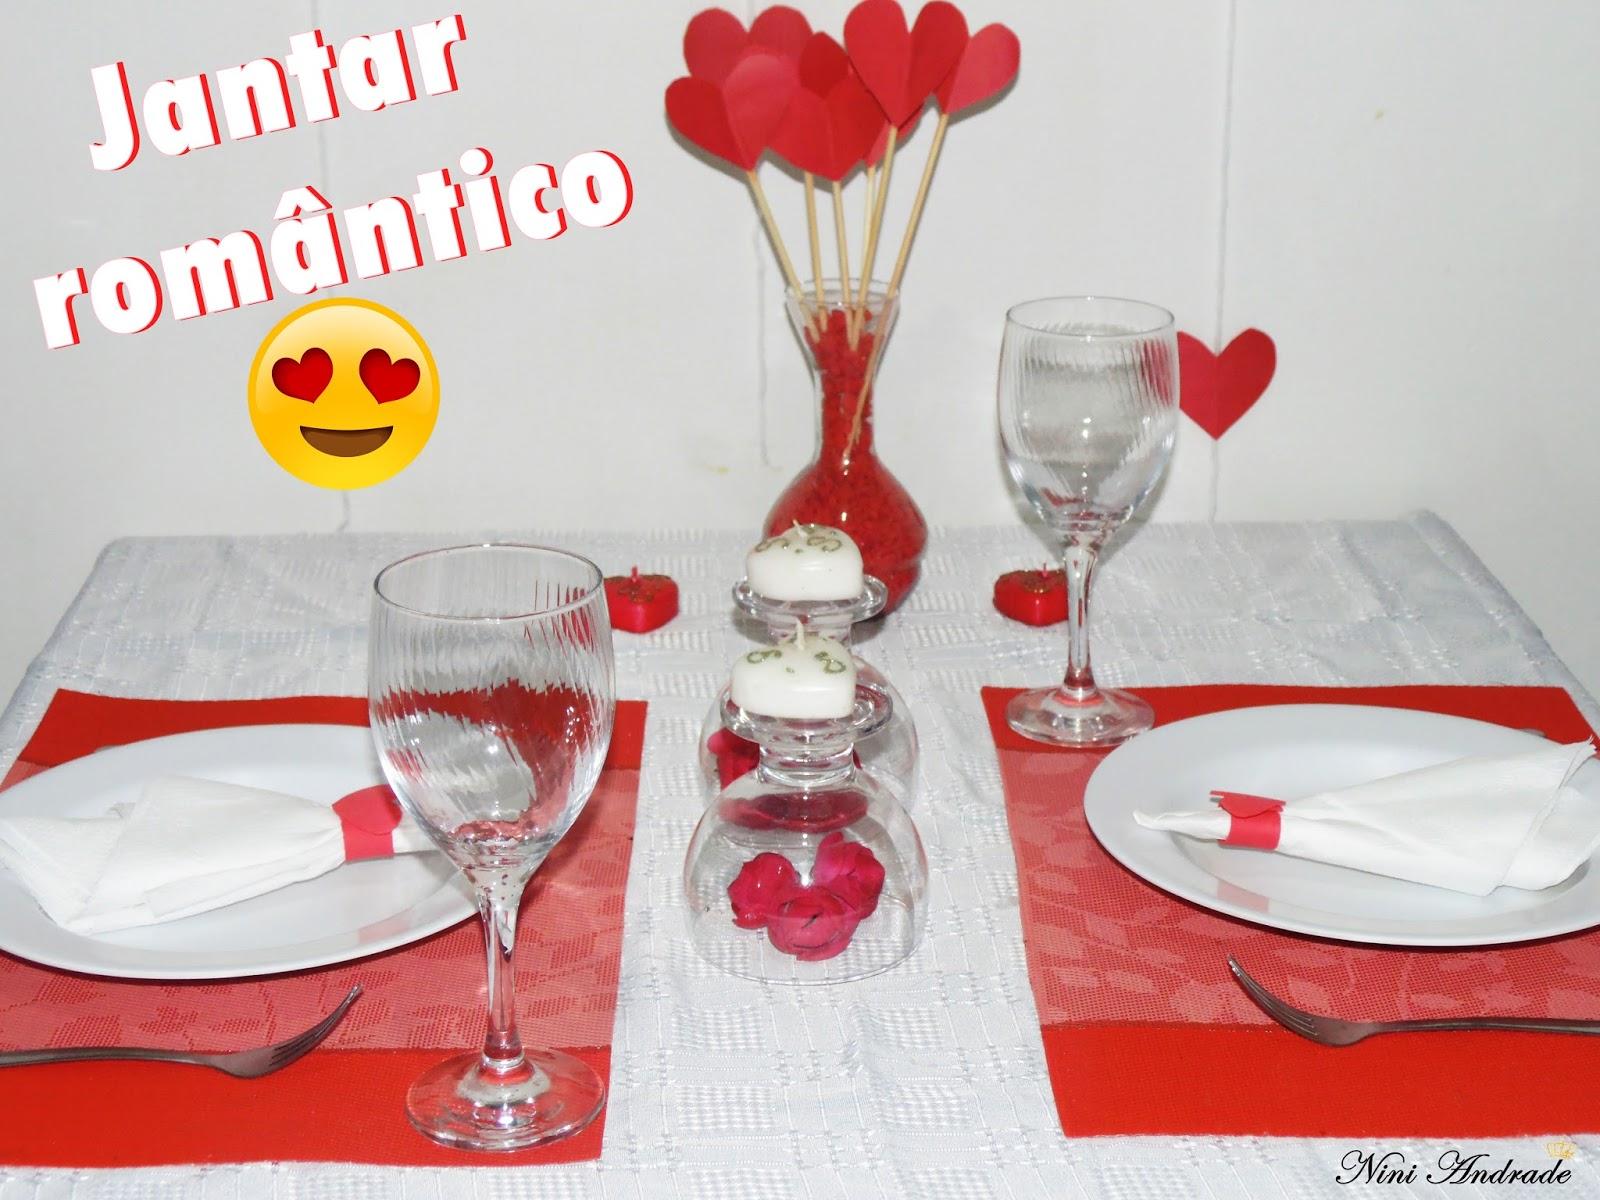 eu sou simples e romântico